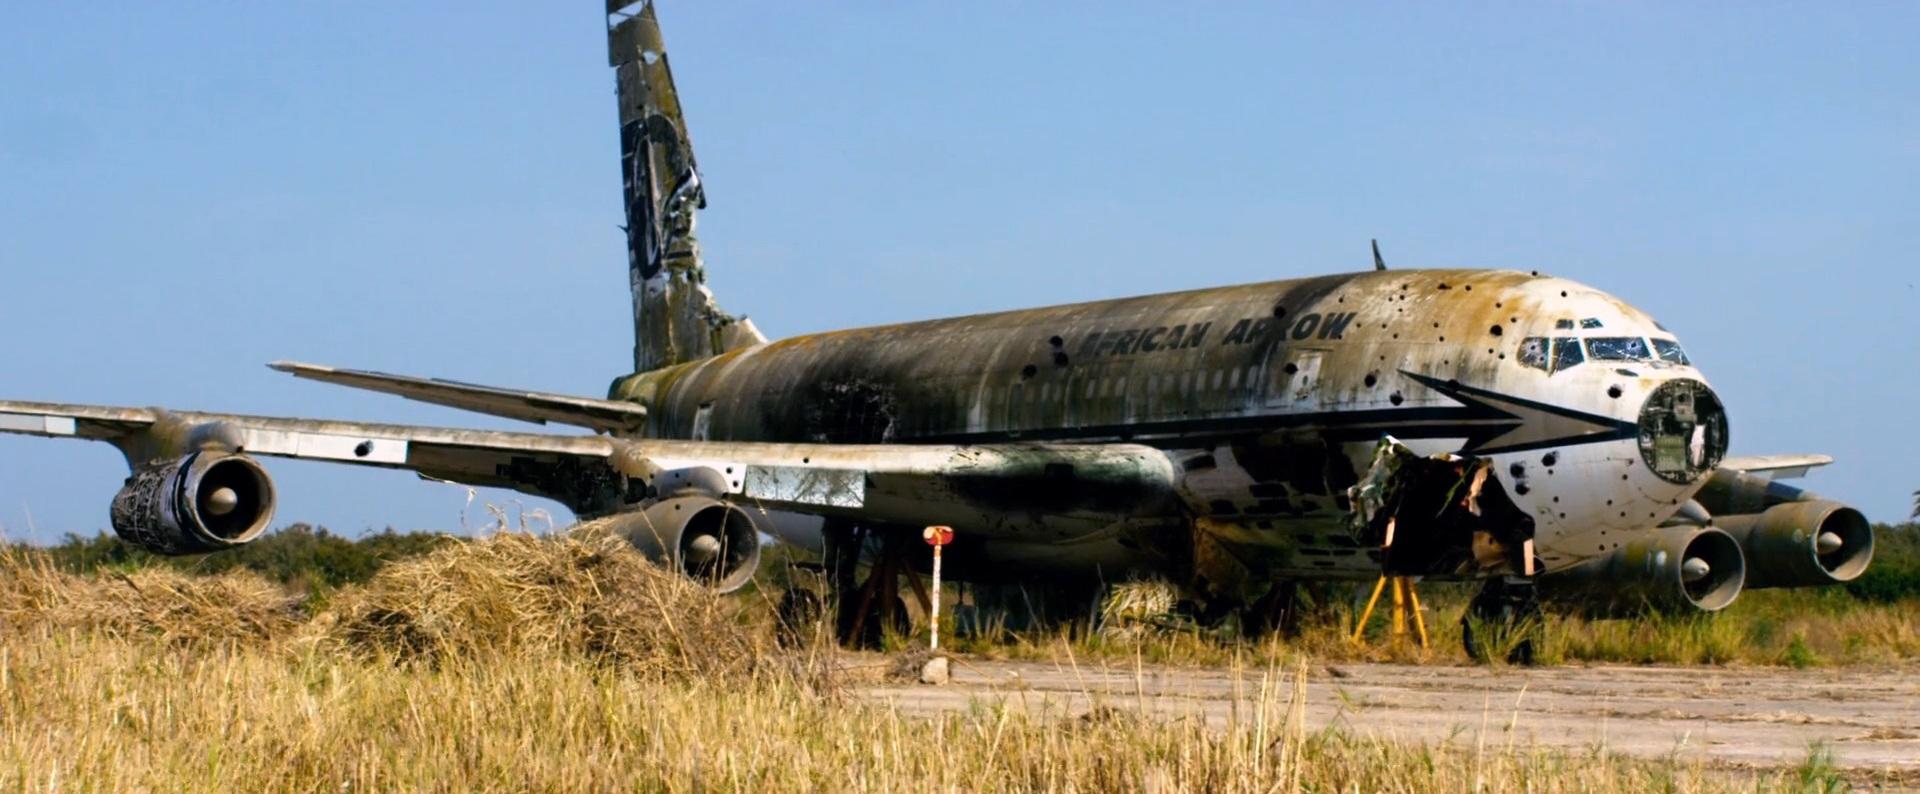 FRA: Photos anciens avions des FRA - Page 14 36148799256_2a445d0e5d_o